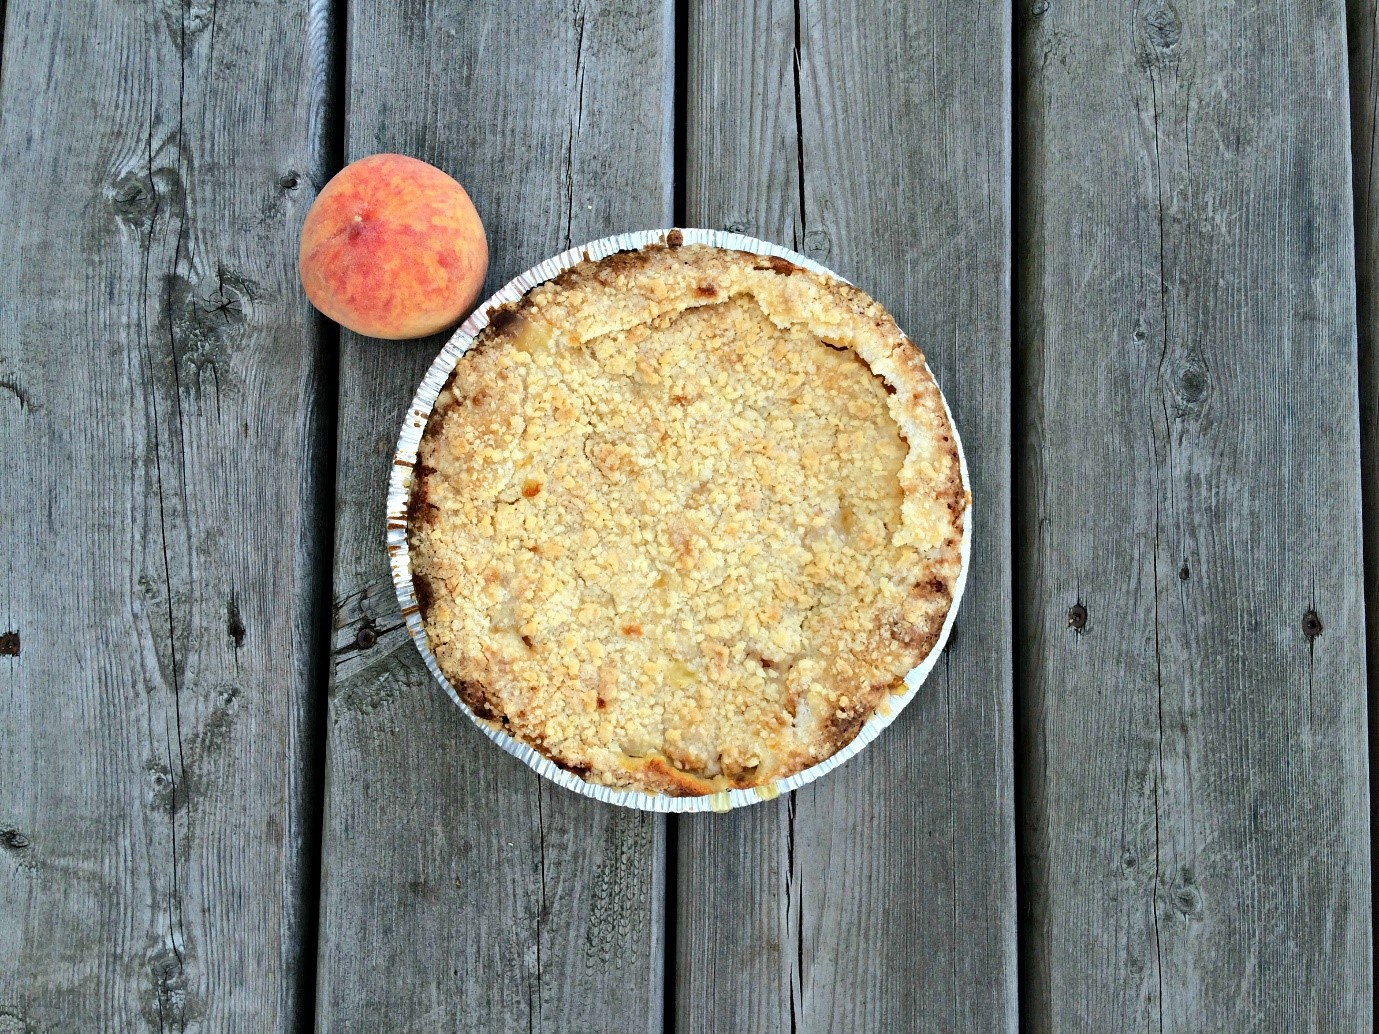 Delicious Peaches and Cream Pie Recip